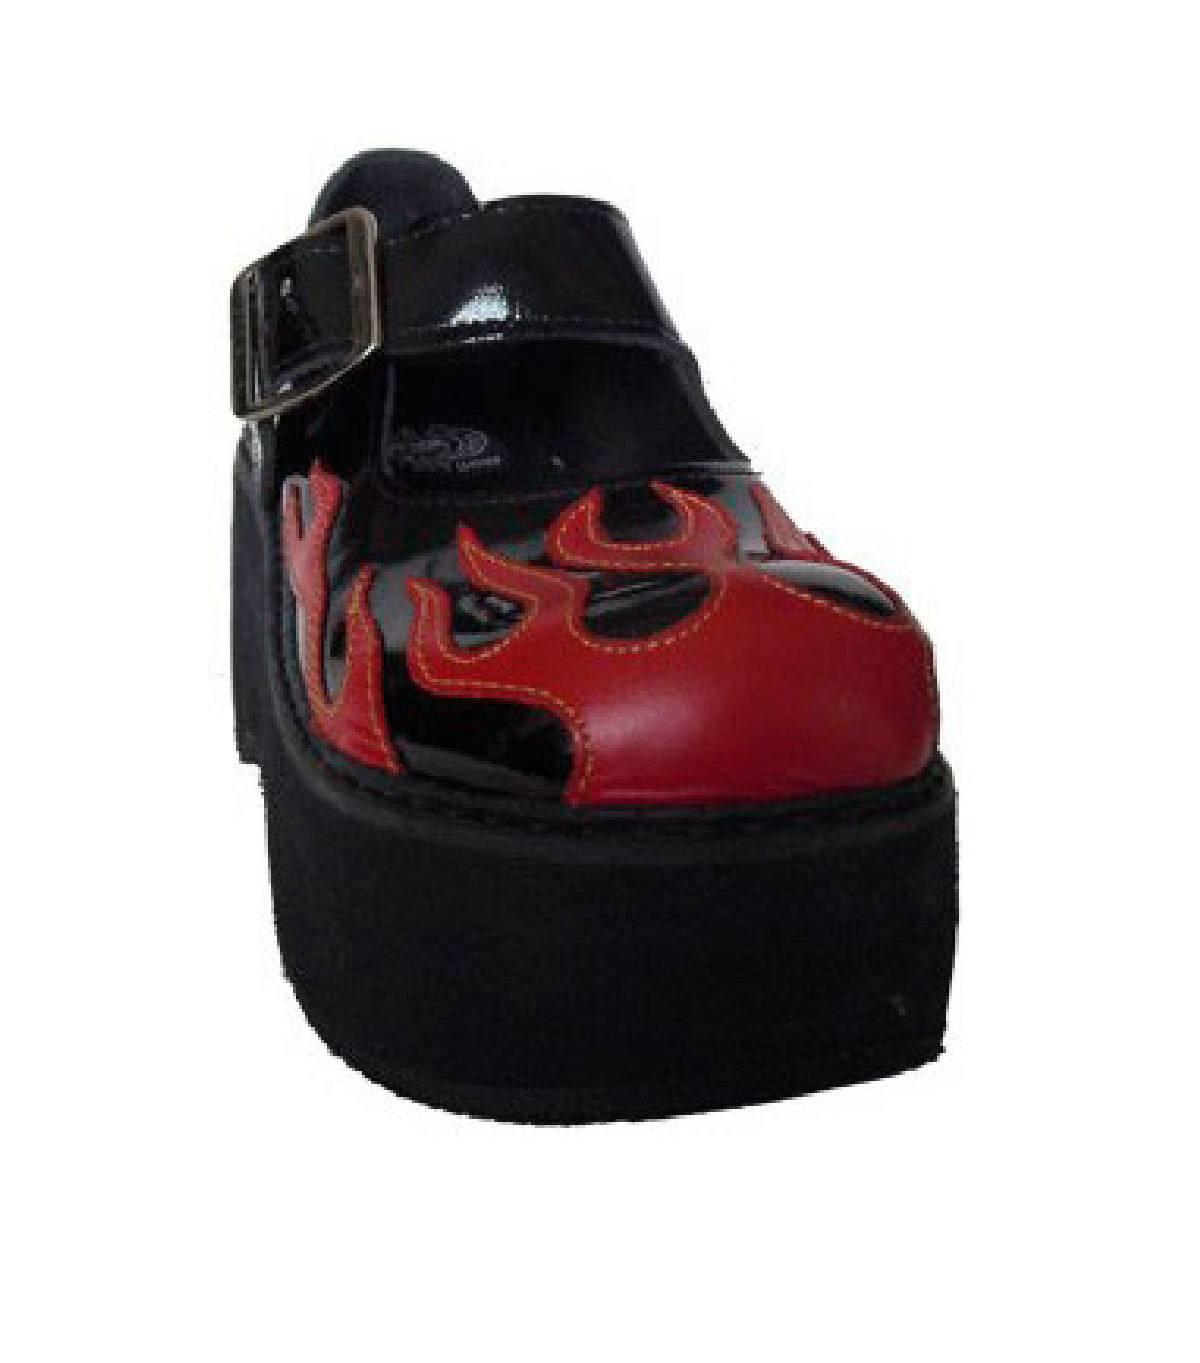 Sapato Boneca Envernizado Flame Chamas Plataforma Couro REF054